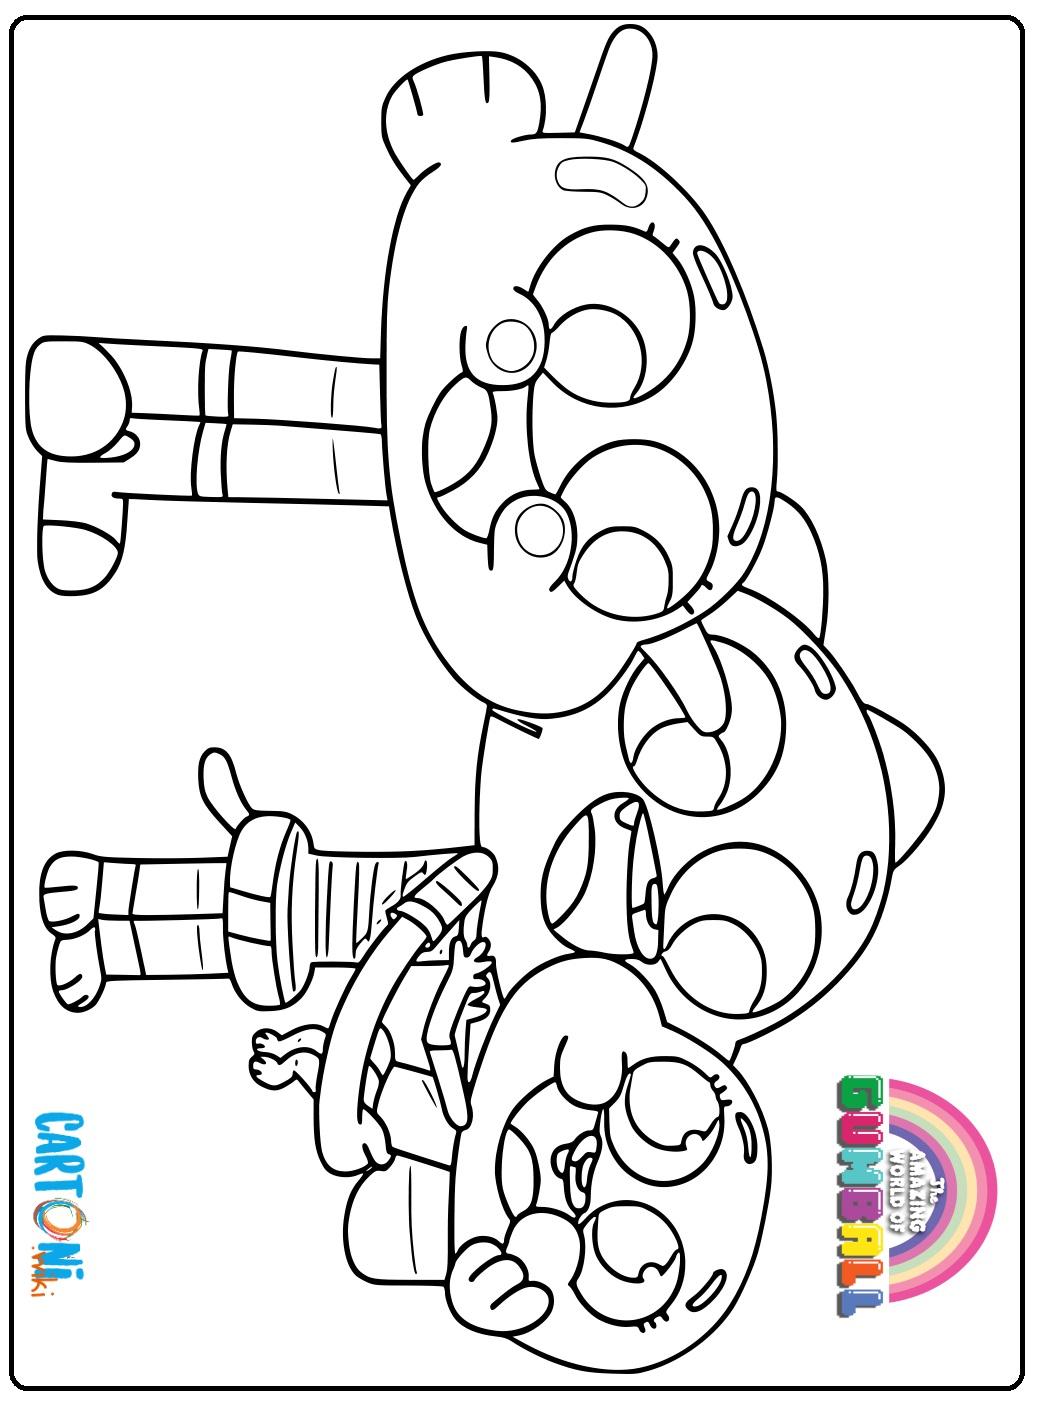 Disegni Gumball da colorare - Stampa e colora